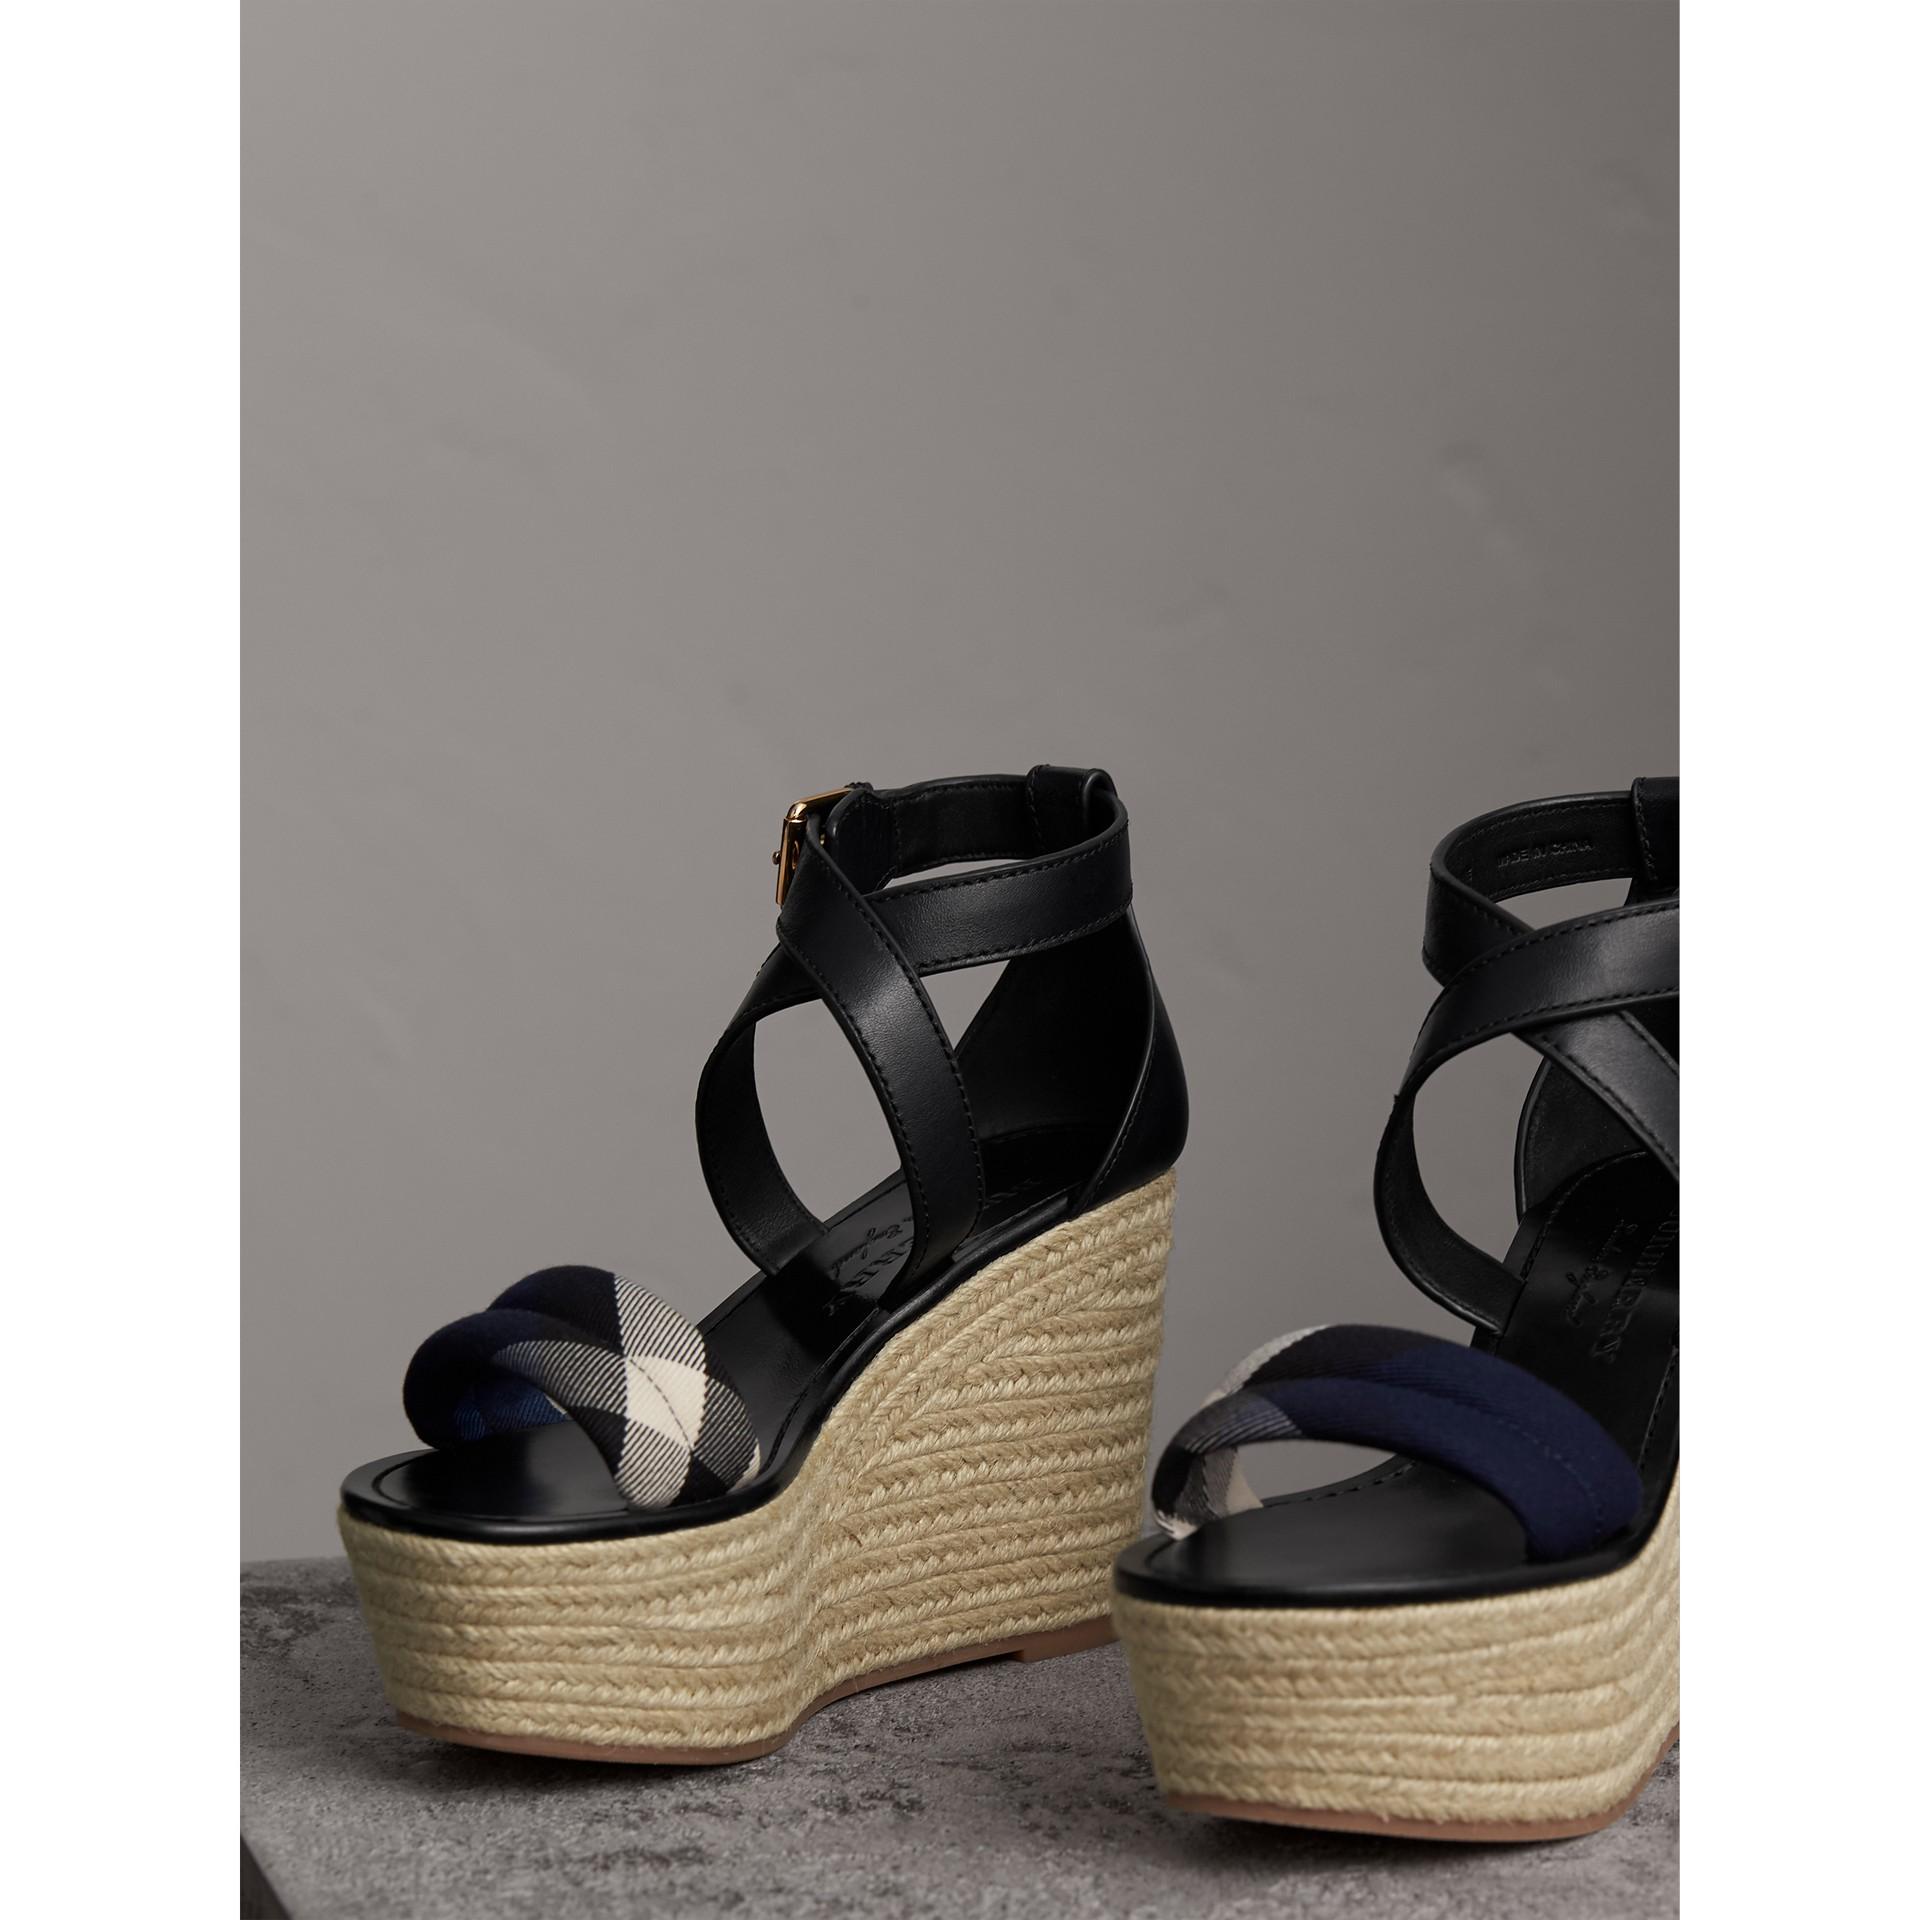 Sandales espadrilles compensées en cuir avec motif House check (Marine) - Femme | Burberry - photo de la galerie 5